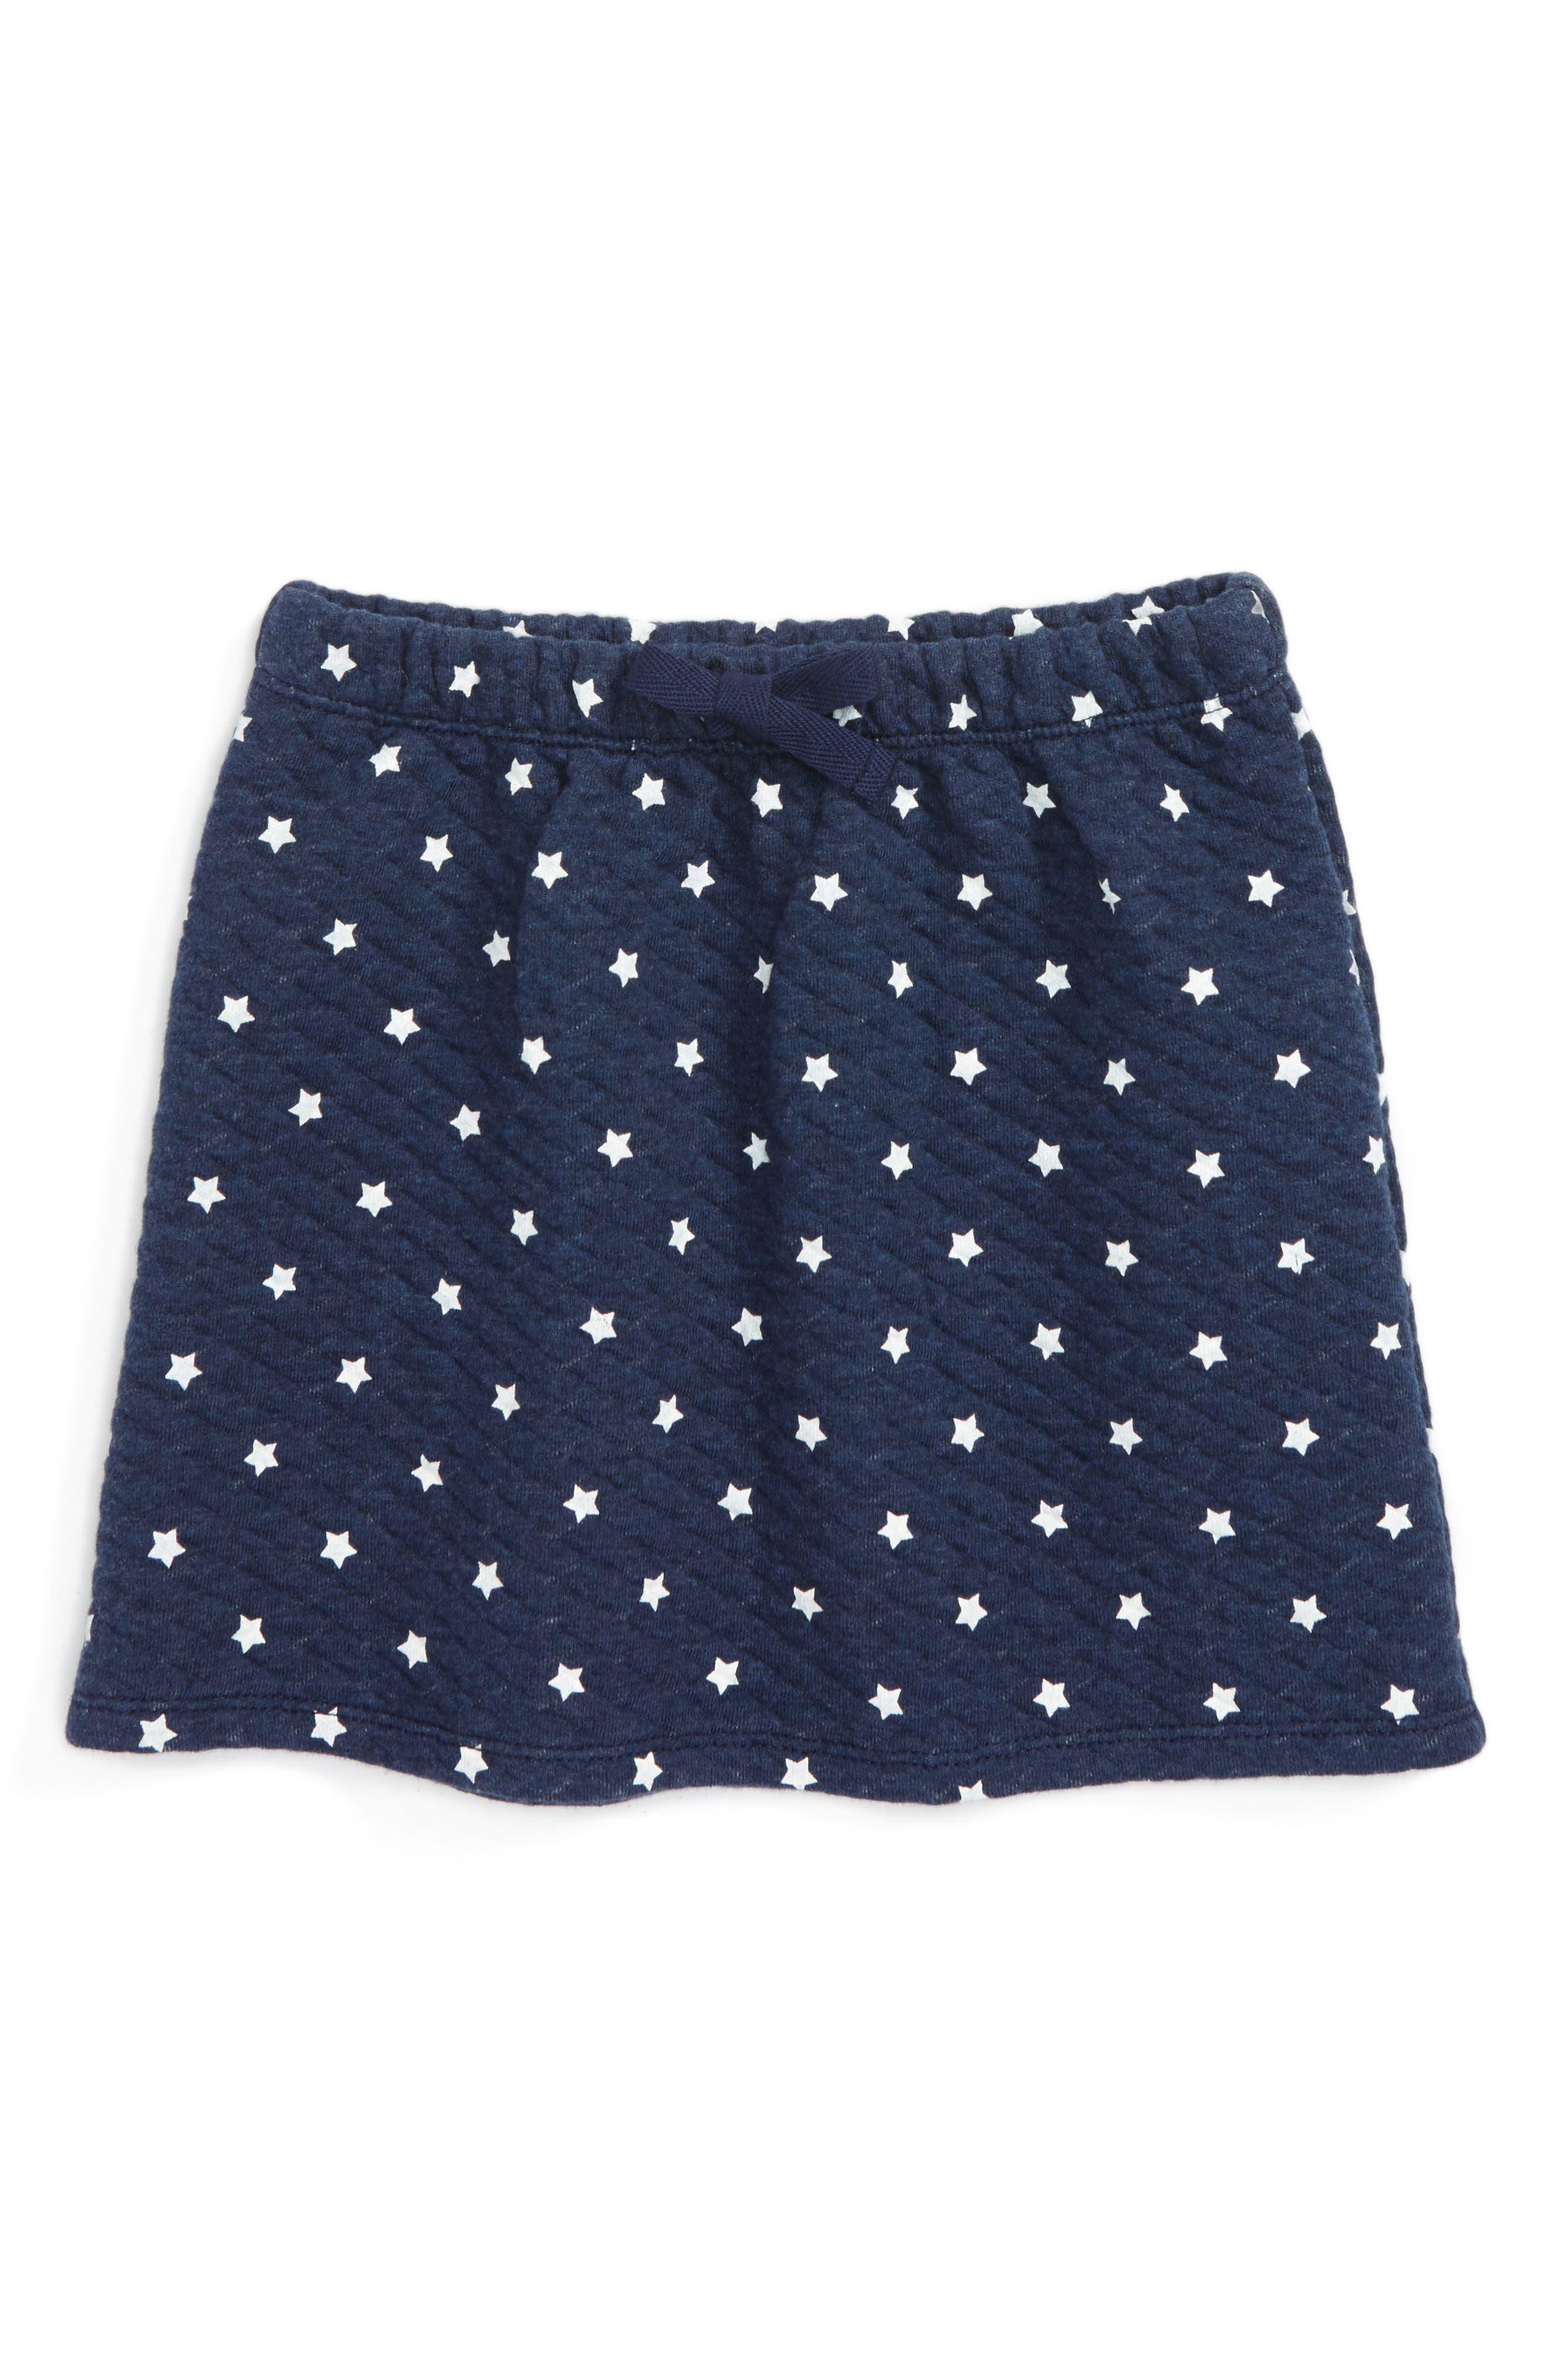 Alternate Image 1 Selected - Tucker + Tate Thea Star Skirt (Toddler Girls, Little Girls & Big Girls)